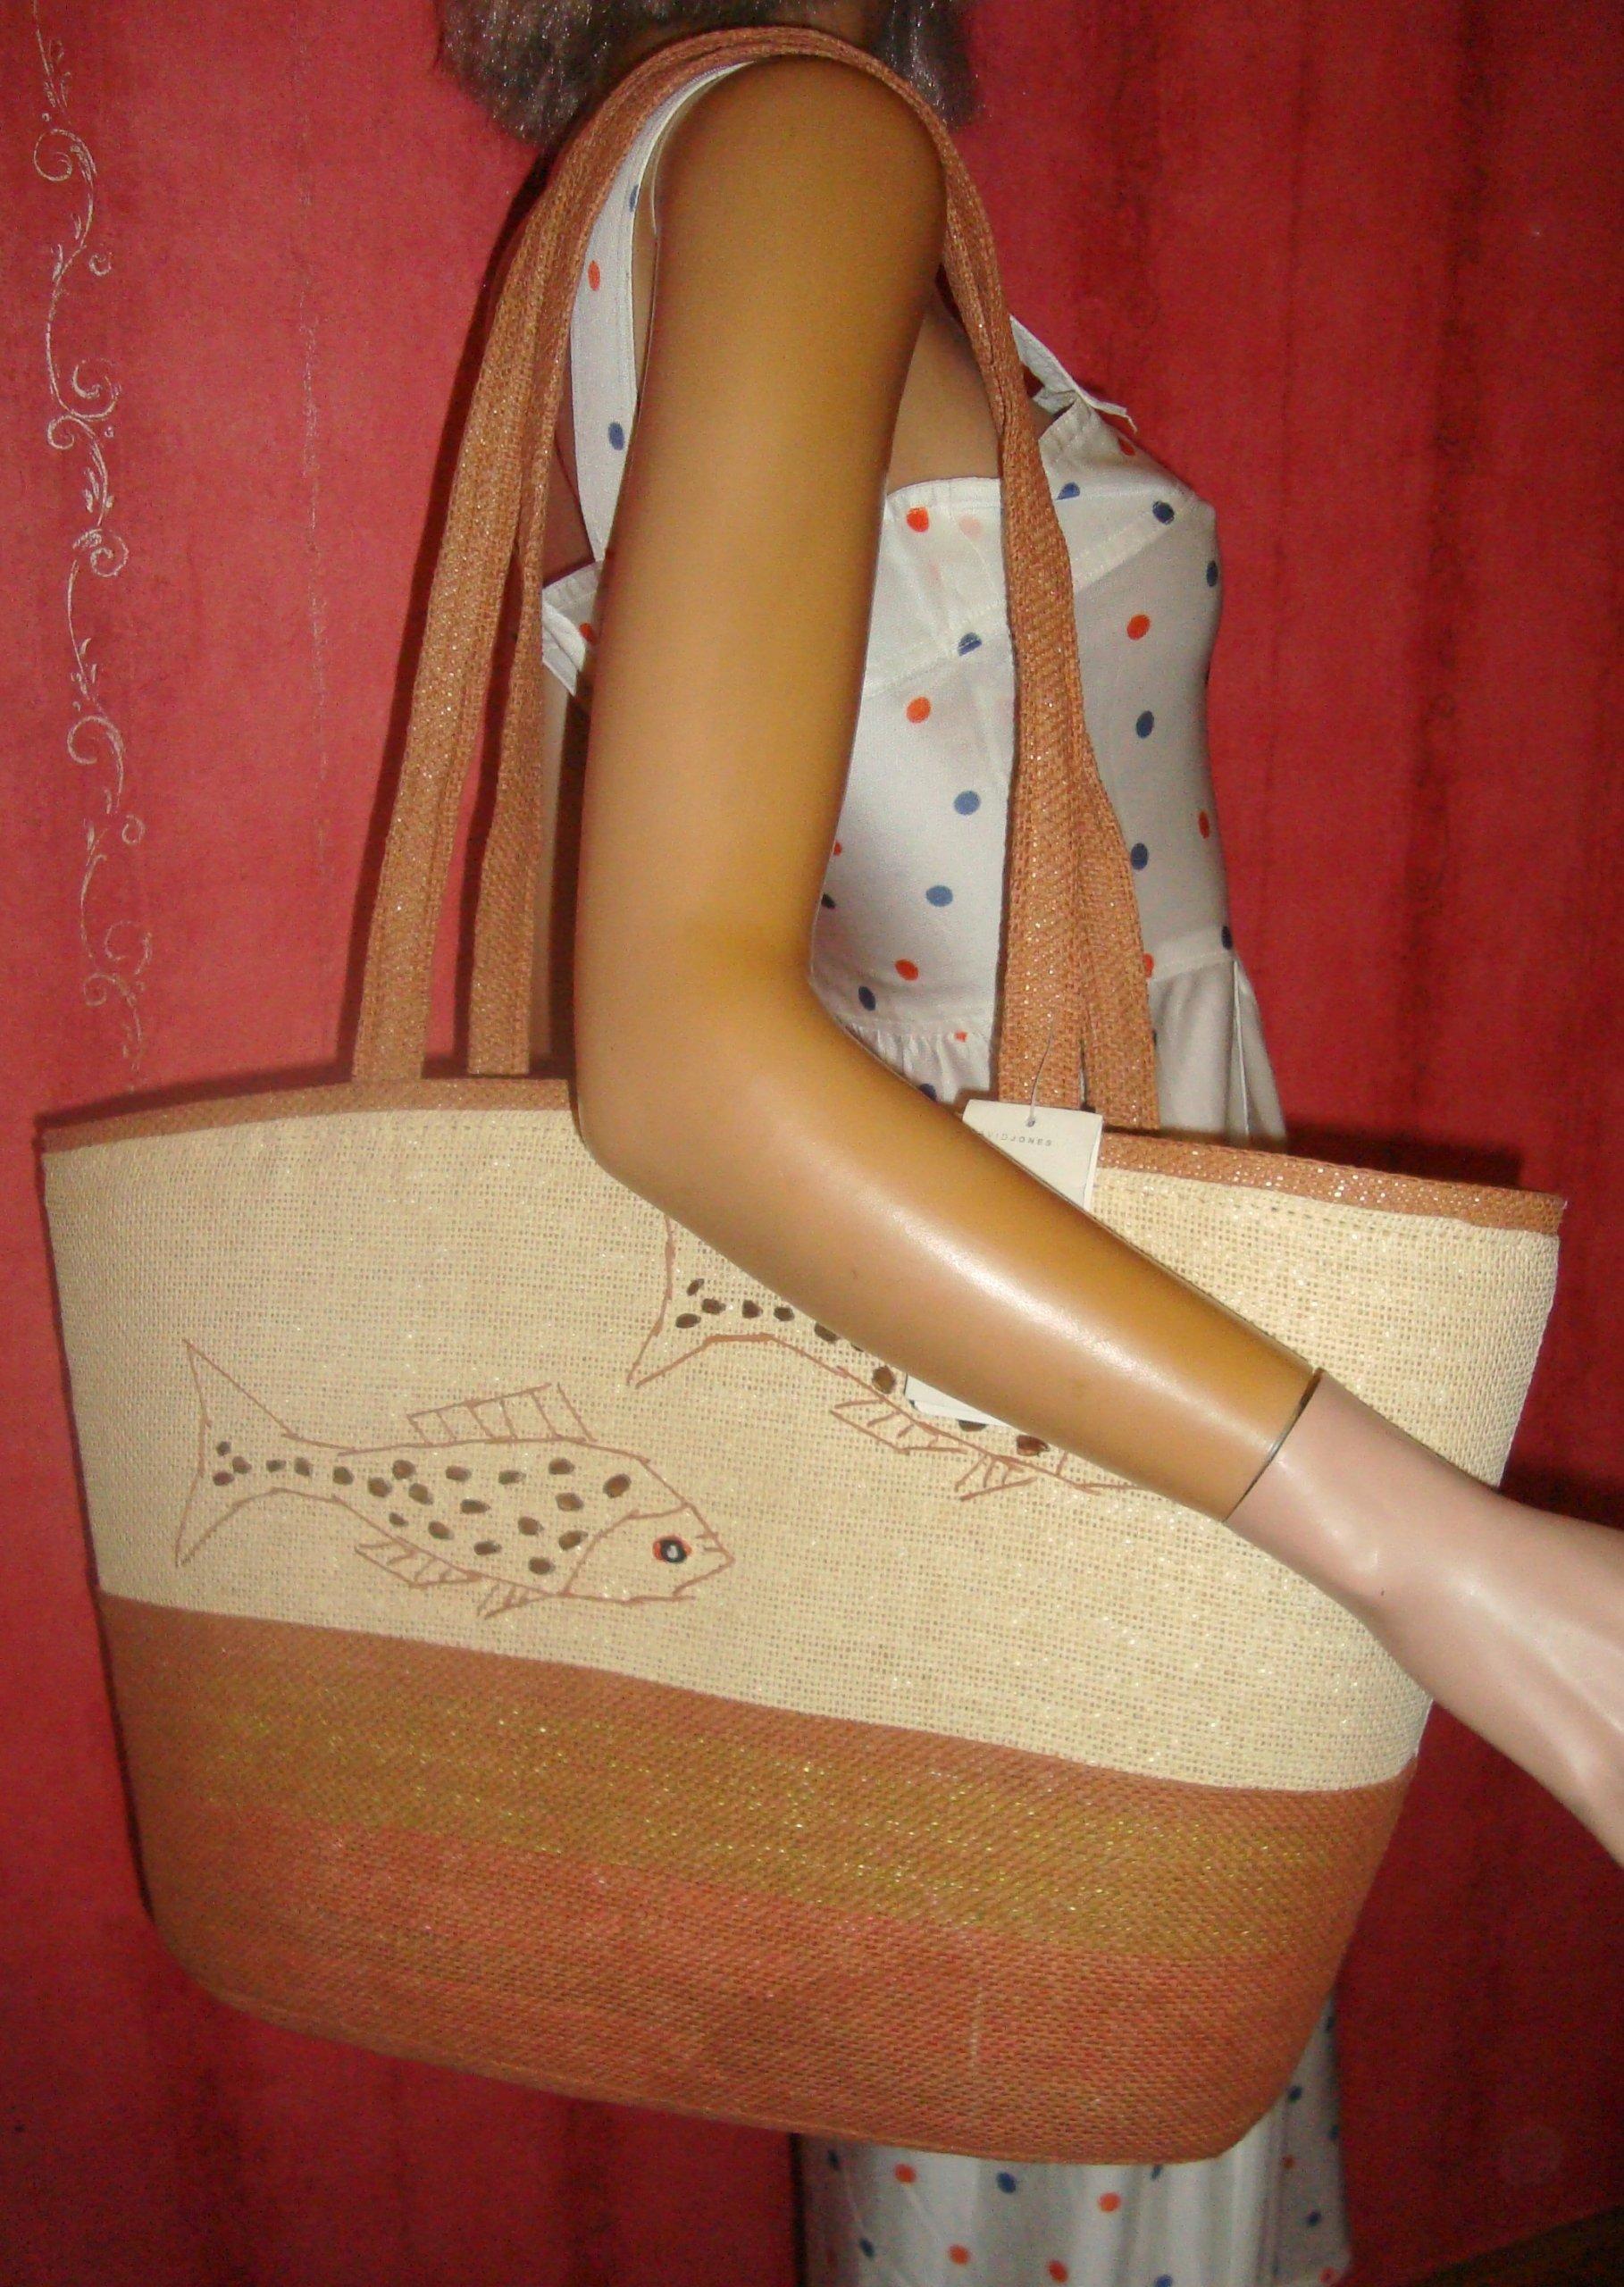 0afbb888f6f5d Piękna, plażowa torba z rafii. Biało beżowa. - 7473190489 ...